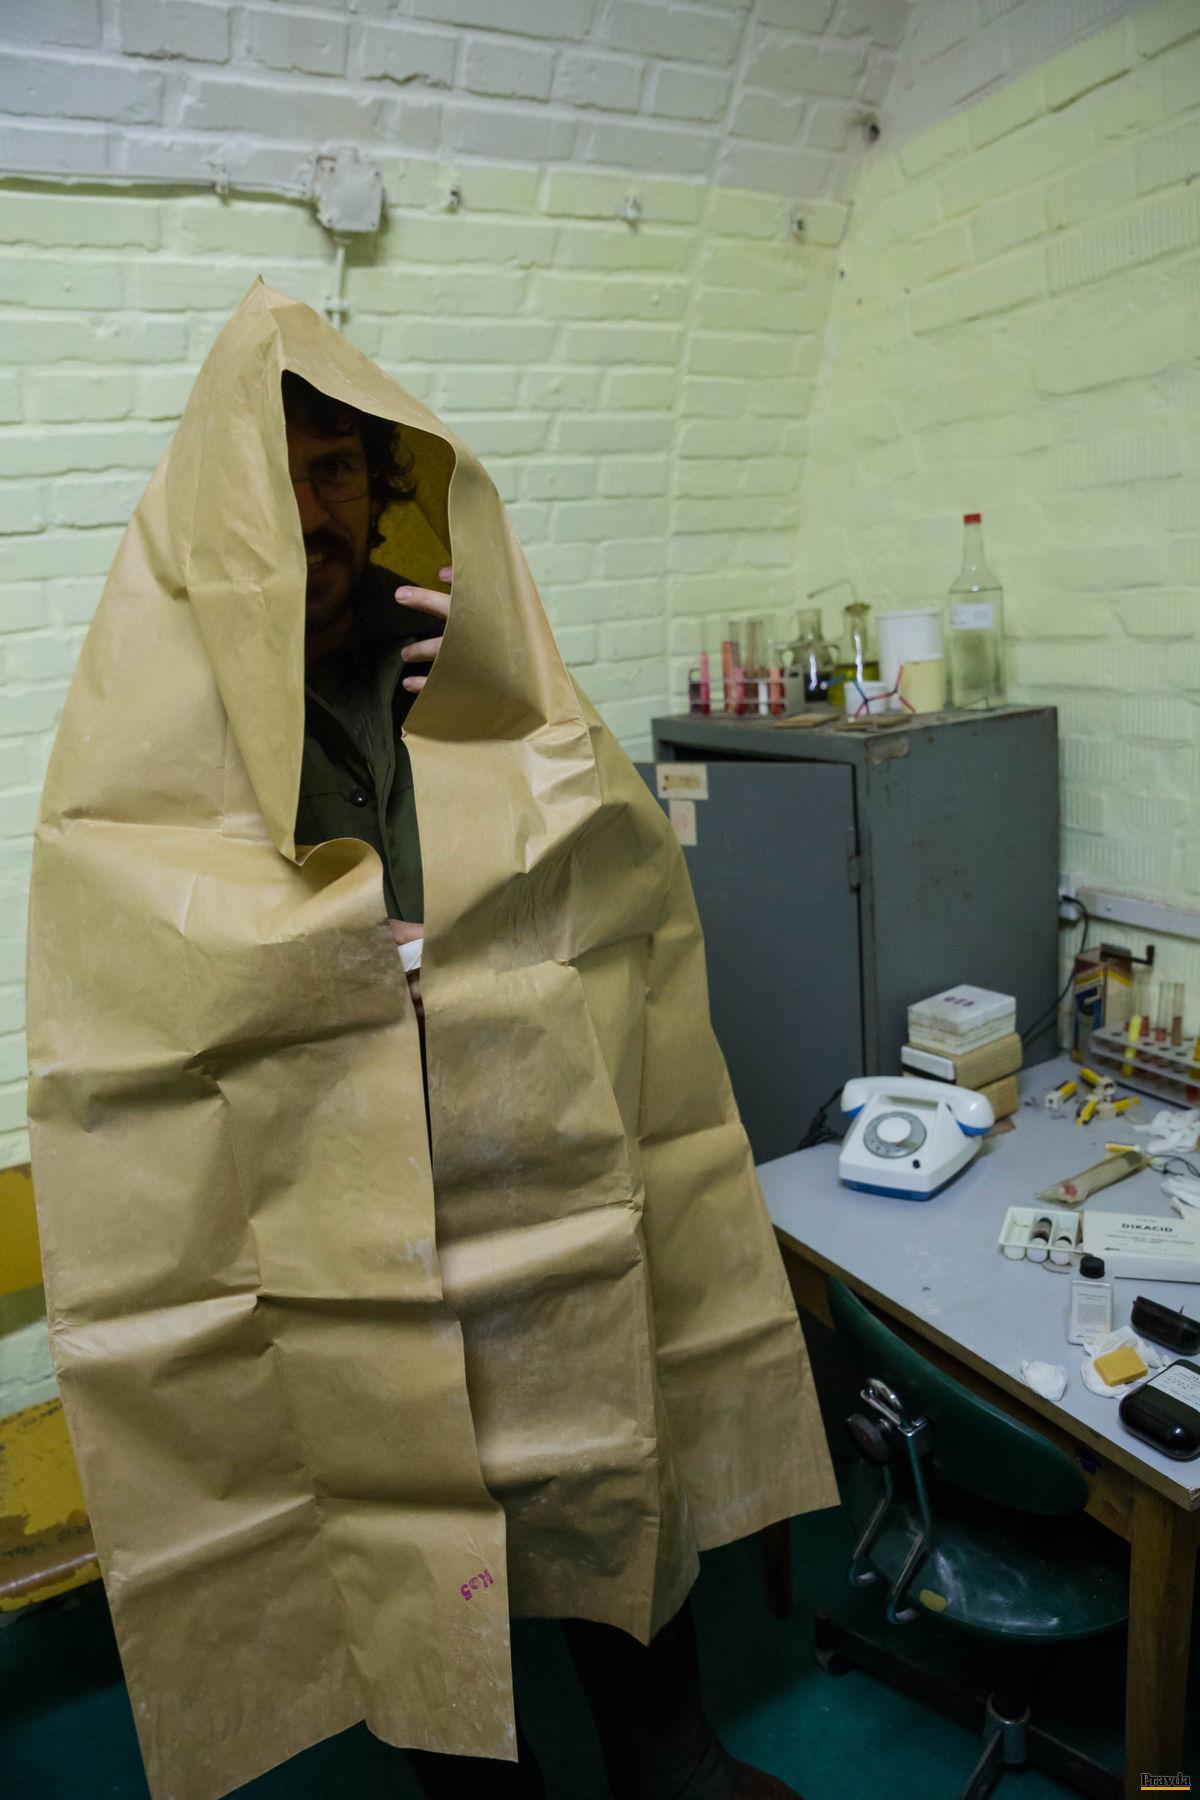 Skupina historikov a nadšencov vyčistila a doplnila dobové vybavenie, opravila ventiláciu. Sprievodca Lipner v provizórnom protichemickom obleku.